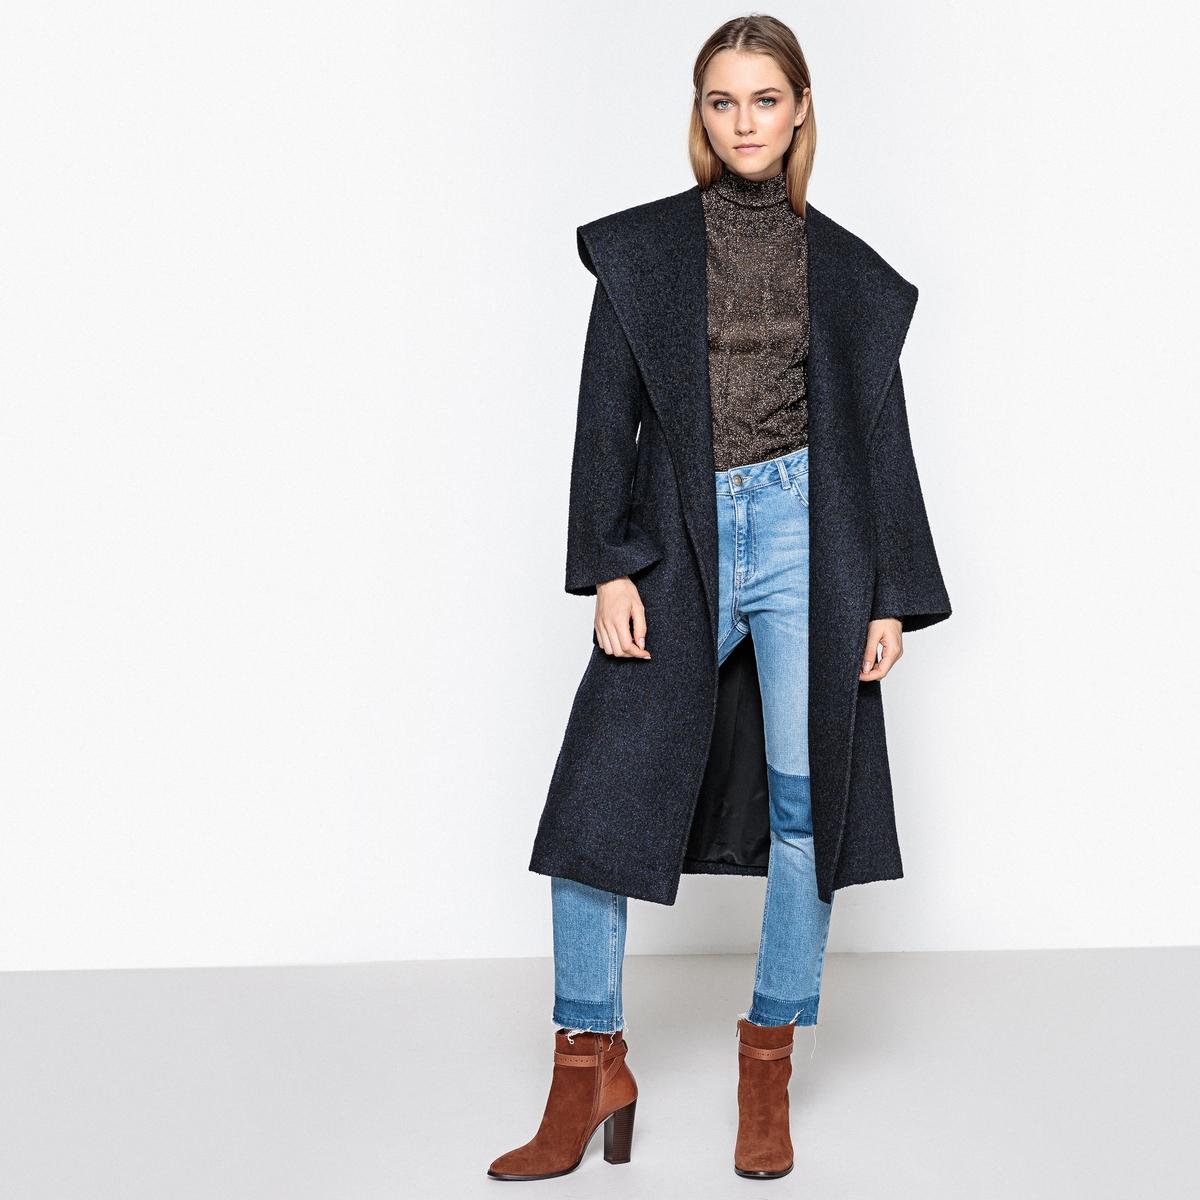 Пальто с капюшоном длинноеОписание:Пальто добавит еще больше стиля зимой ! Пальто с широким воротником, объемного покроя, в котором тамк уютно и тепло Детали •  Длина : удлиненная модель •  Капюшон •  Застежка на кнопки •  С капюшономСостав и уход •  60% акрила, 10% других волокон, 30% полиэстера •  Подкладка : 100% полиэстер • Не стиратьДеликатная сухая чистка / не отбеливать   •  Не использовать барабанную сушку •  Низкая температура глажки •  Длина : 109 см<br><br>Цвет: синий морской<br>Размер: 34 (FR) - 40 (RUS).50 (FR) - 56 (RUS).40 (FR) - 46 (RUS)